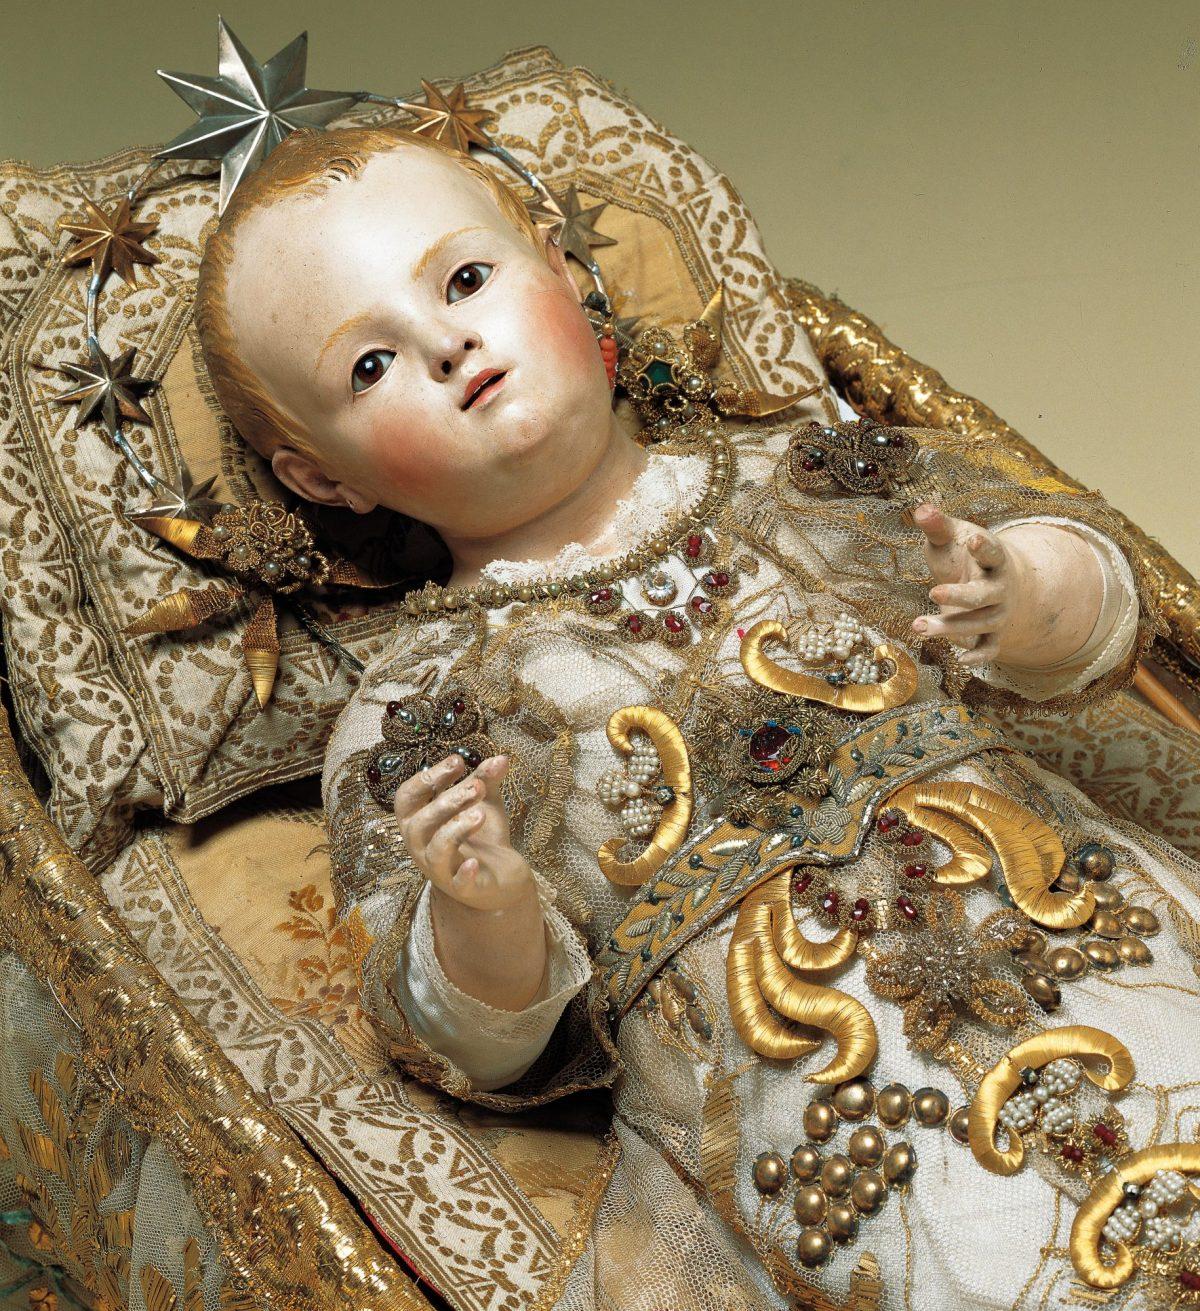 Museo Il Divino Infante - Gesù Bambino